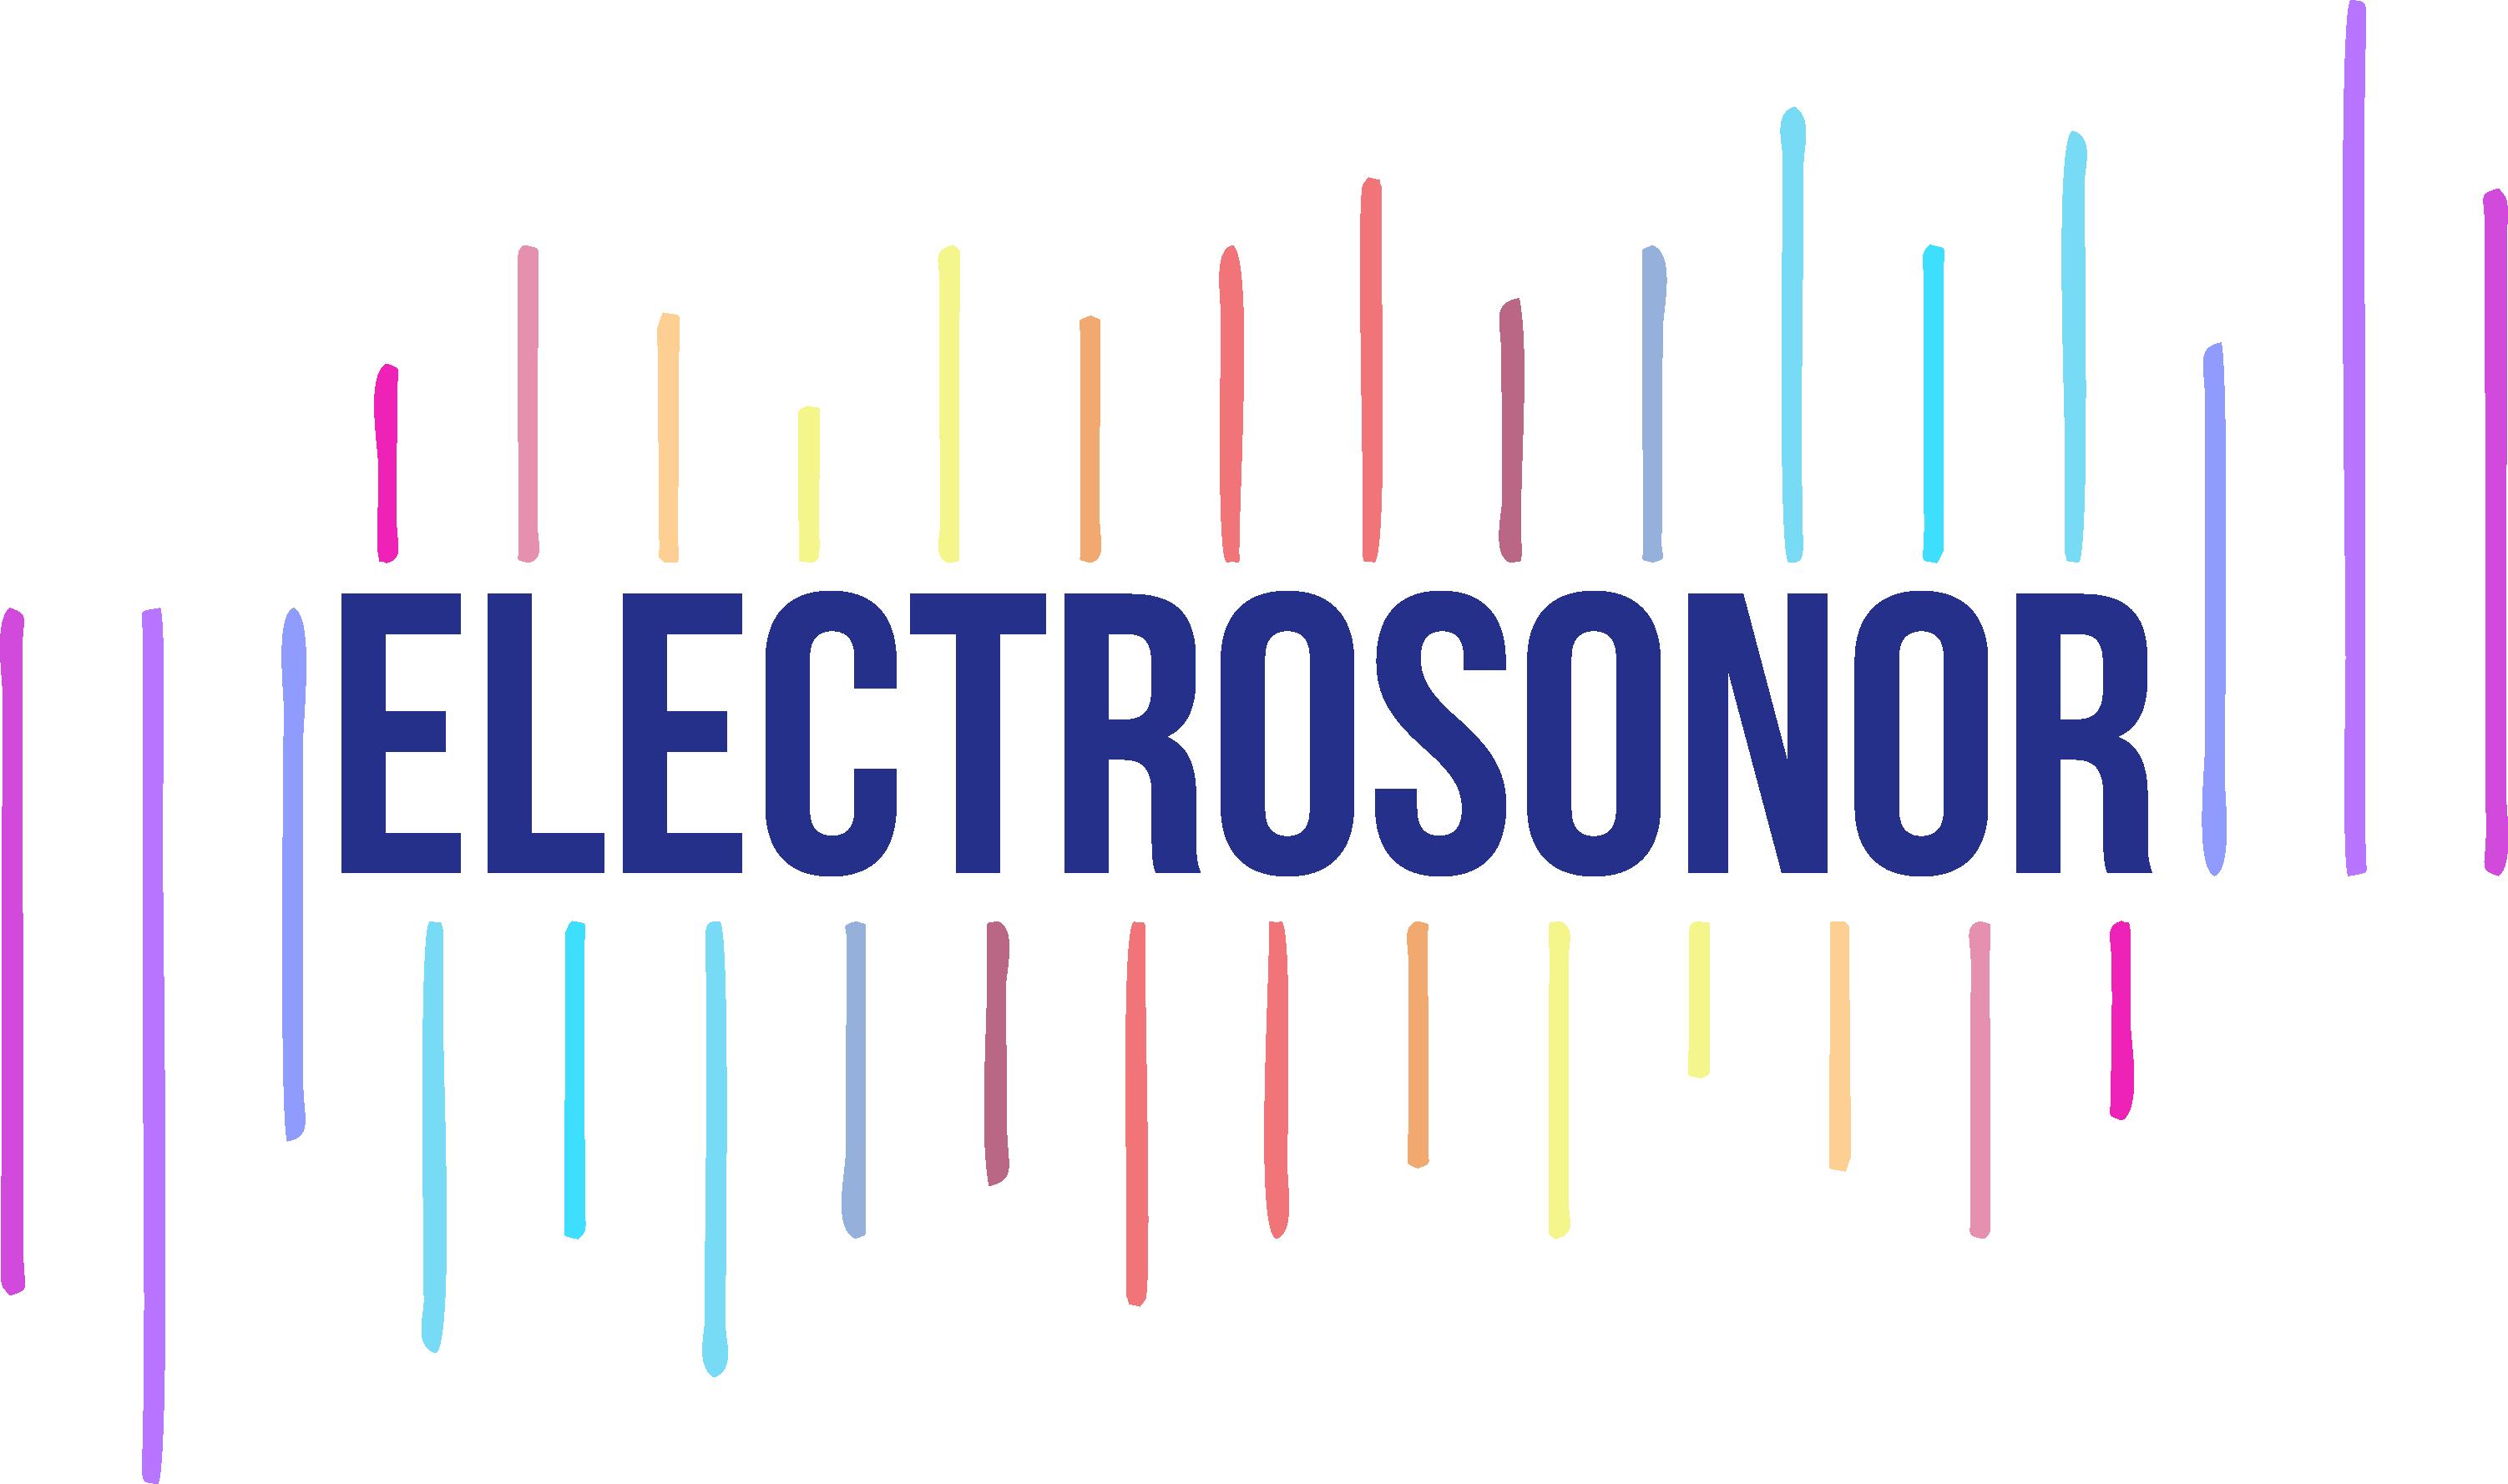 Electrosonor